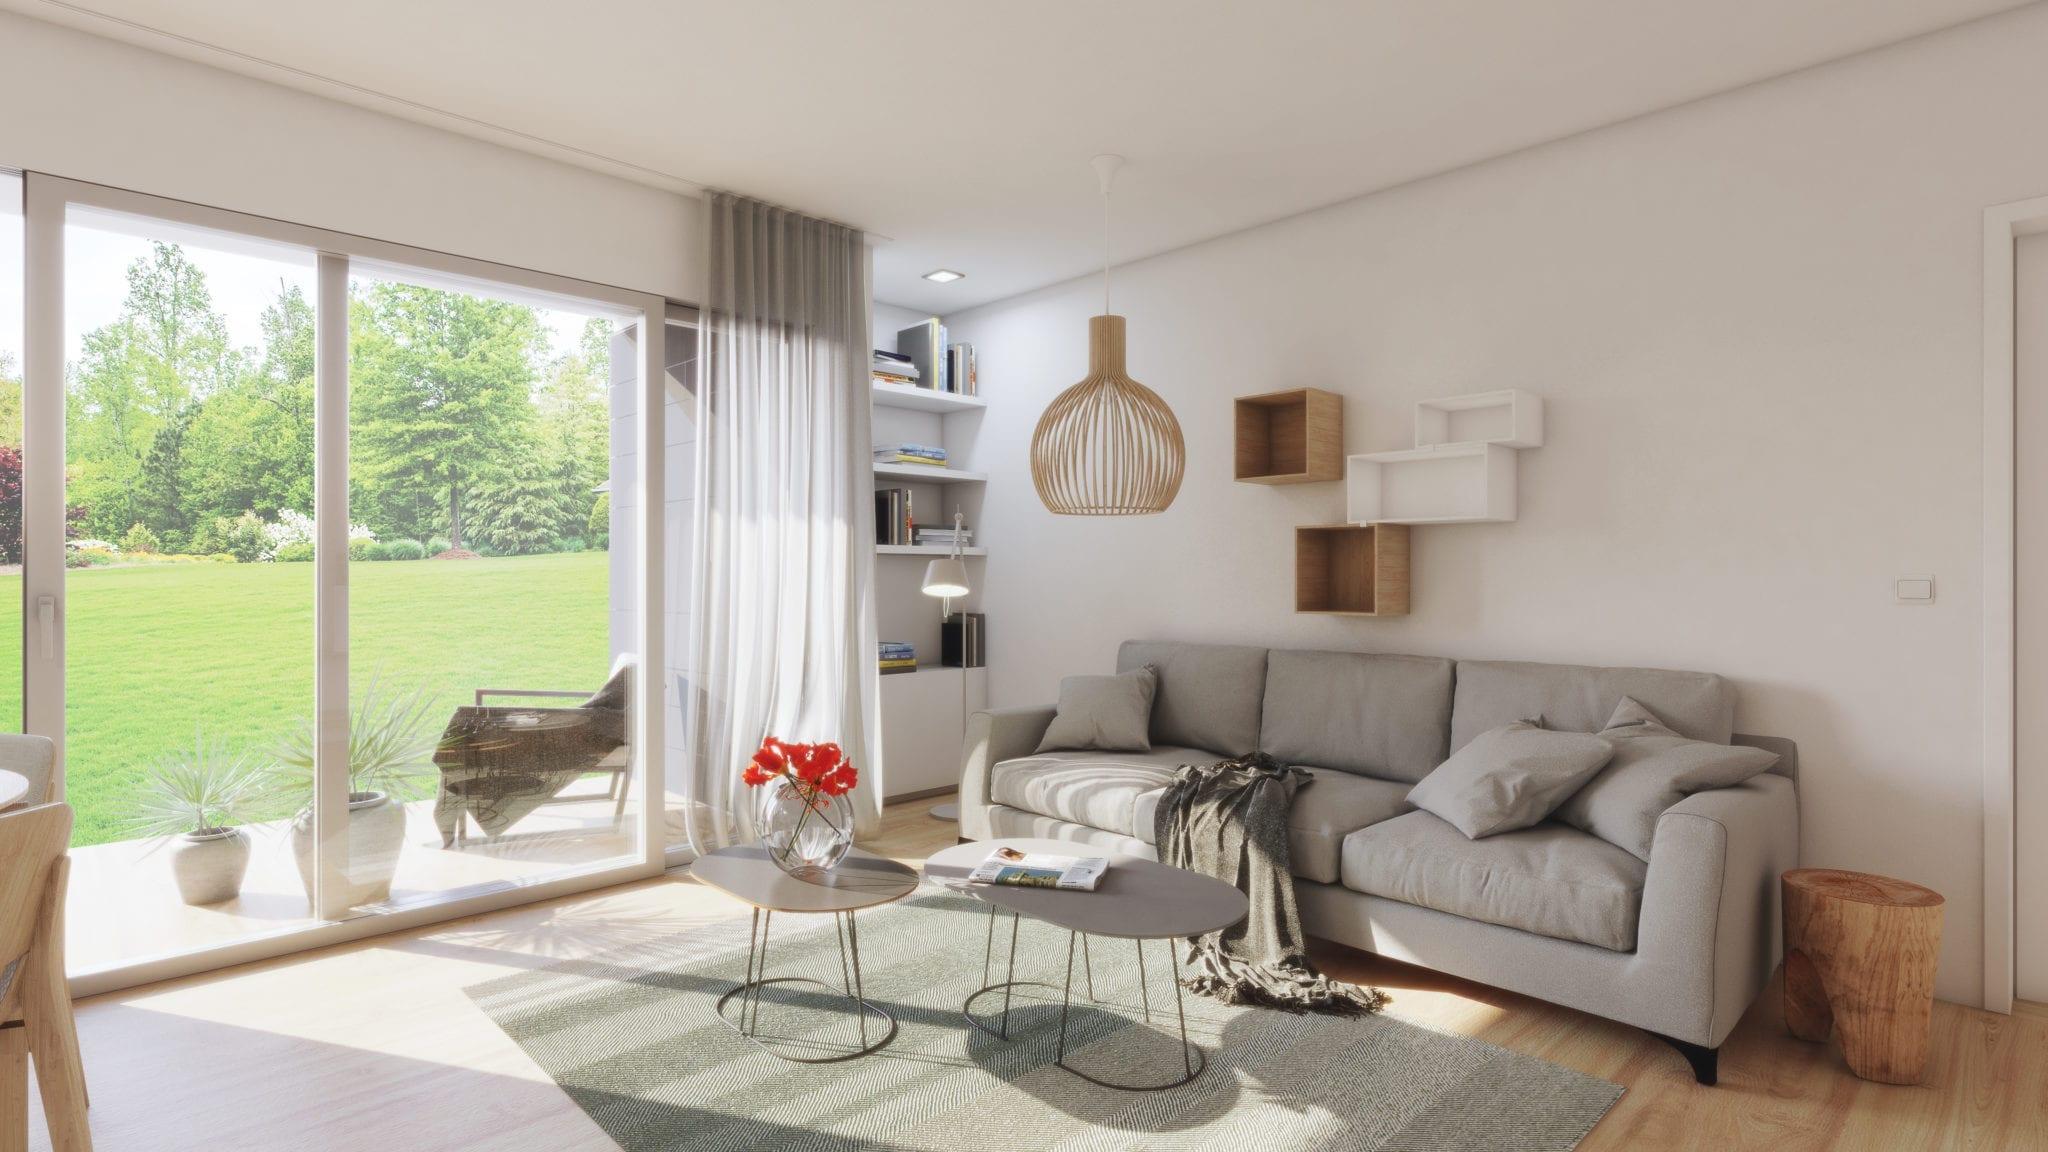 Interiér_obývací pokoj